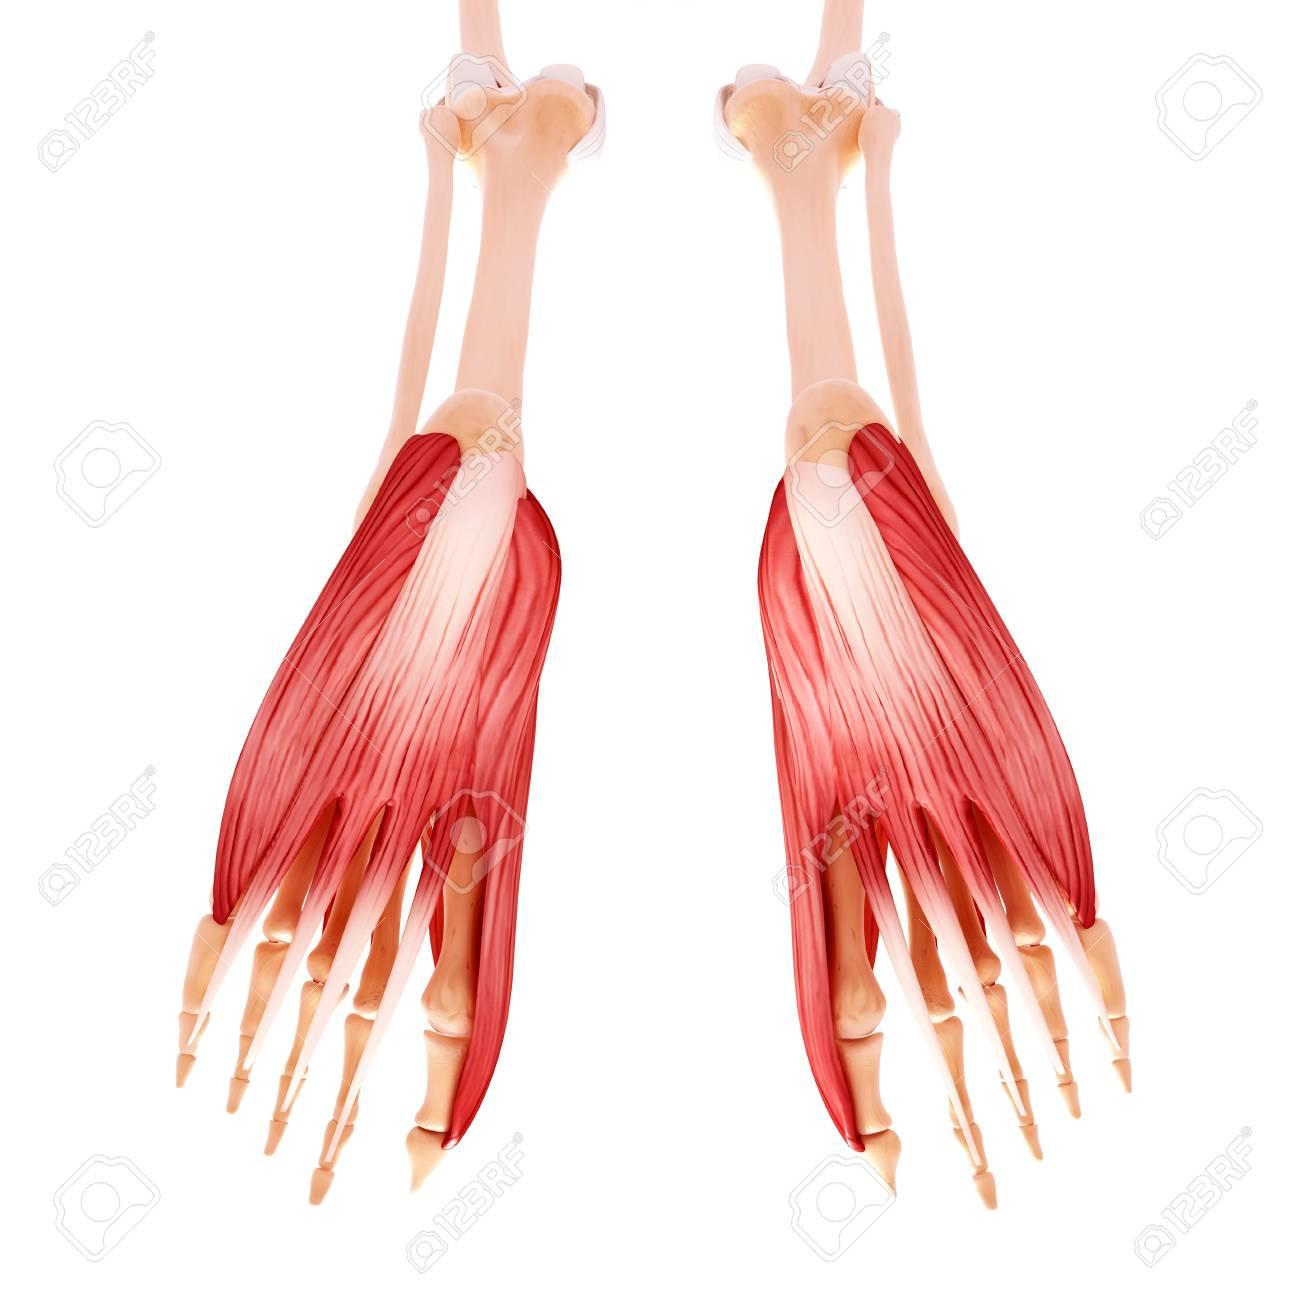 Menschliche Fußmuskulatur, Computergrafik Lizenzfreie Fotos, Bilder ...